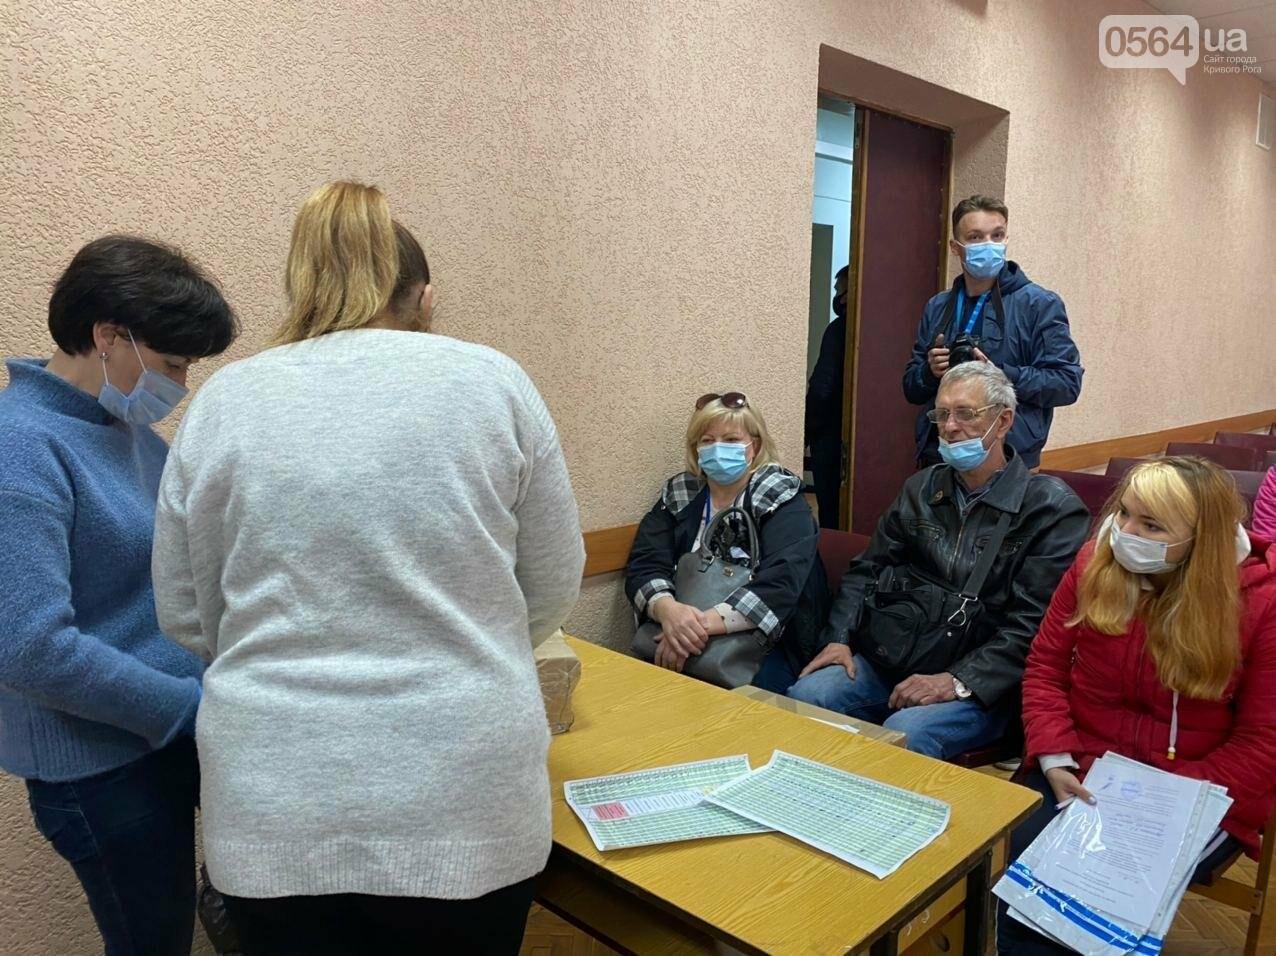 Криворожская ТИК приняла решение о повторном подсчете голосов на 5 избирательных участках, - ФОТО, ВИДЕО , фото-3